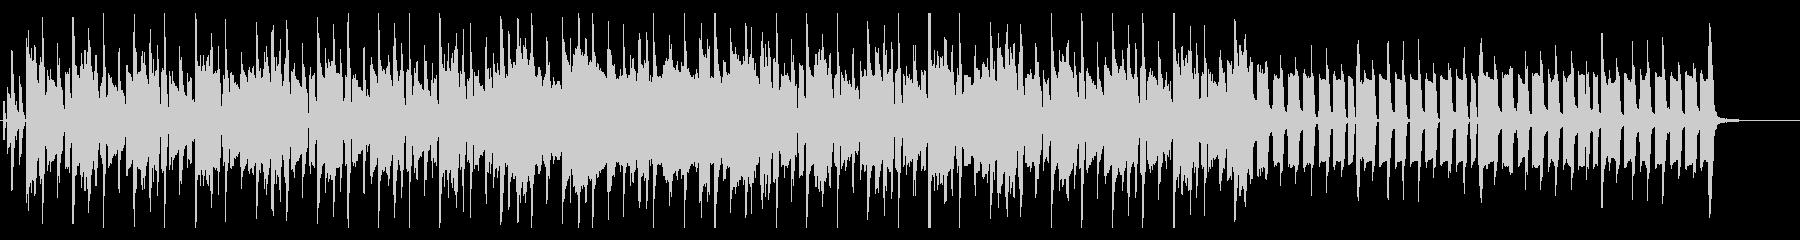 texture5の未再生の波形